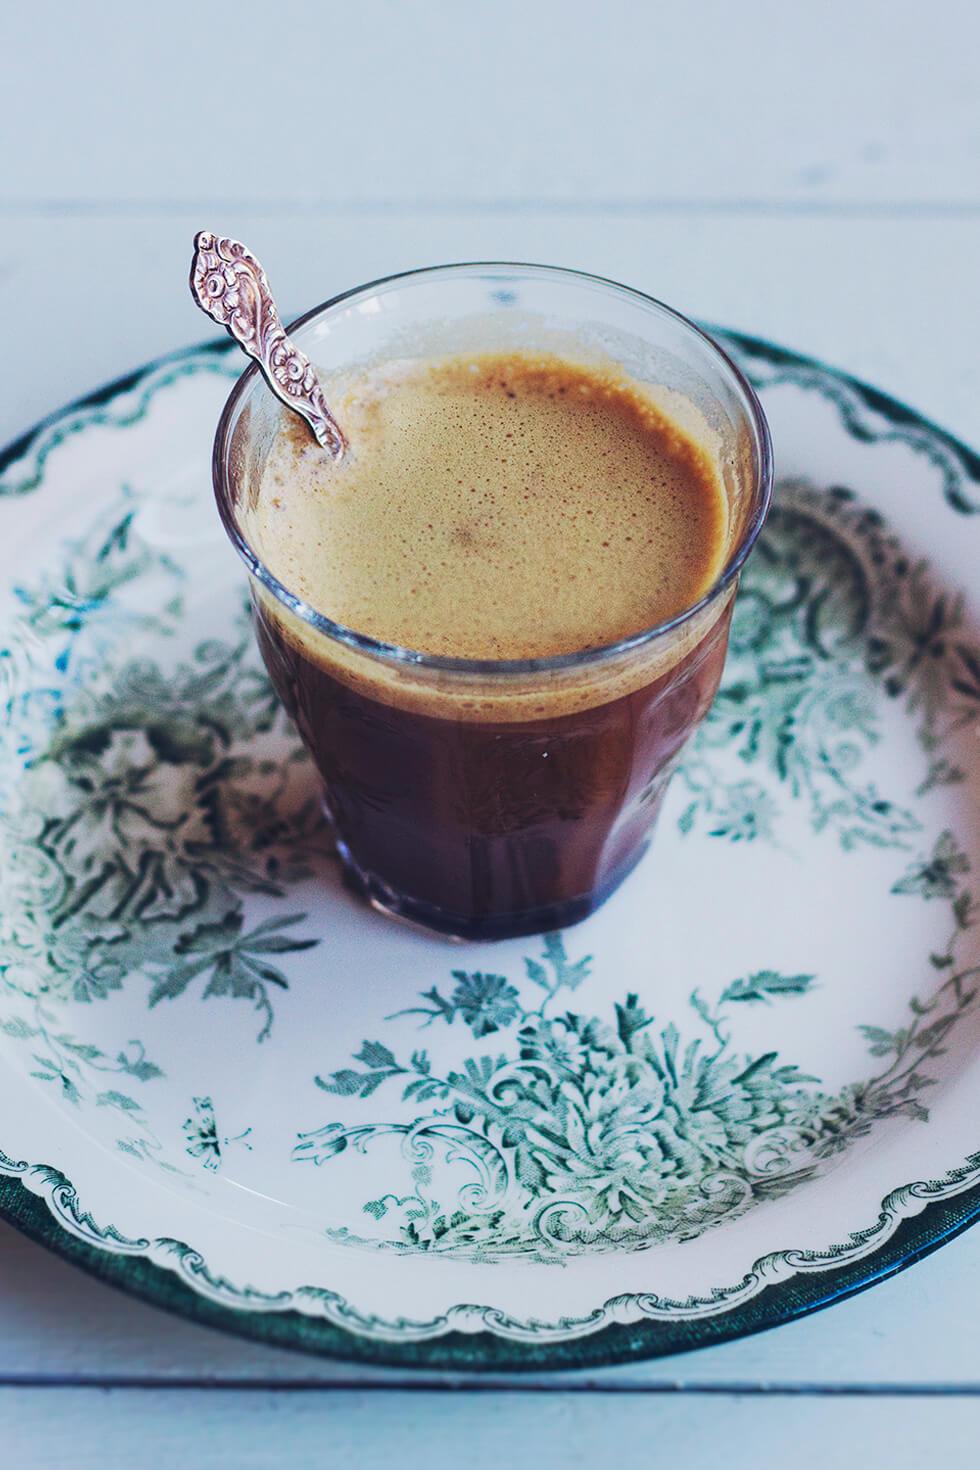 Kokoskaffe - kaffe med kokosolja i